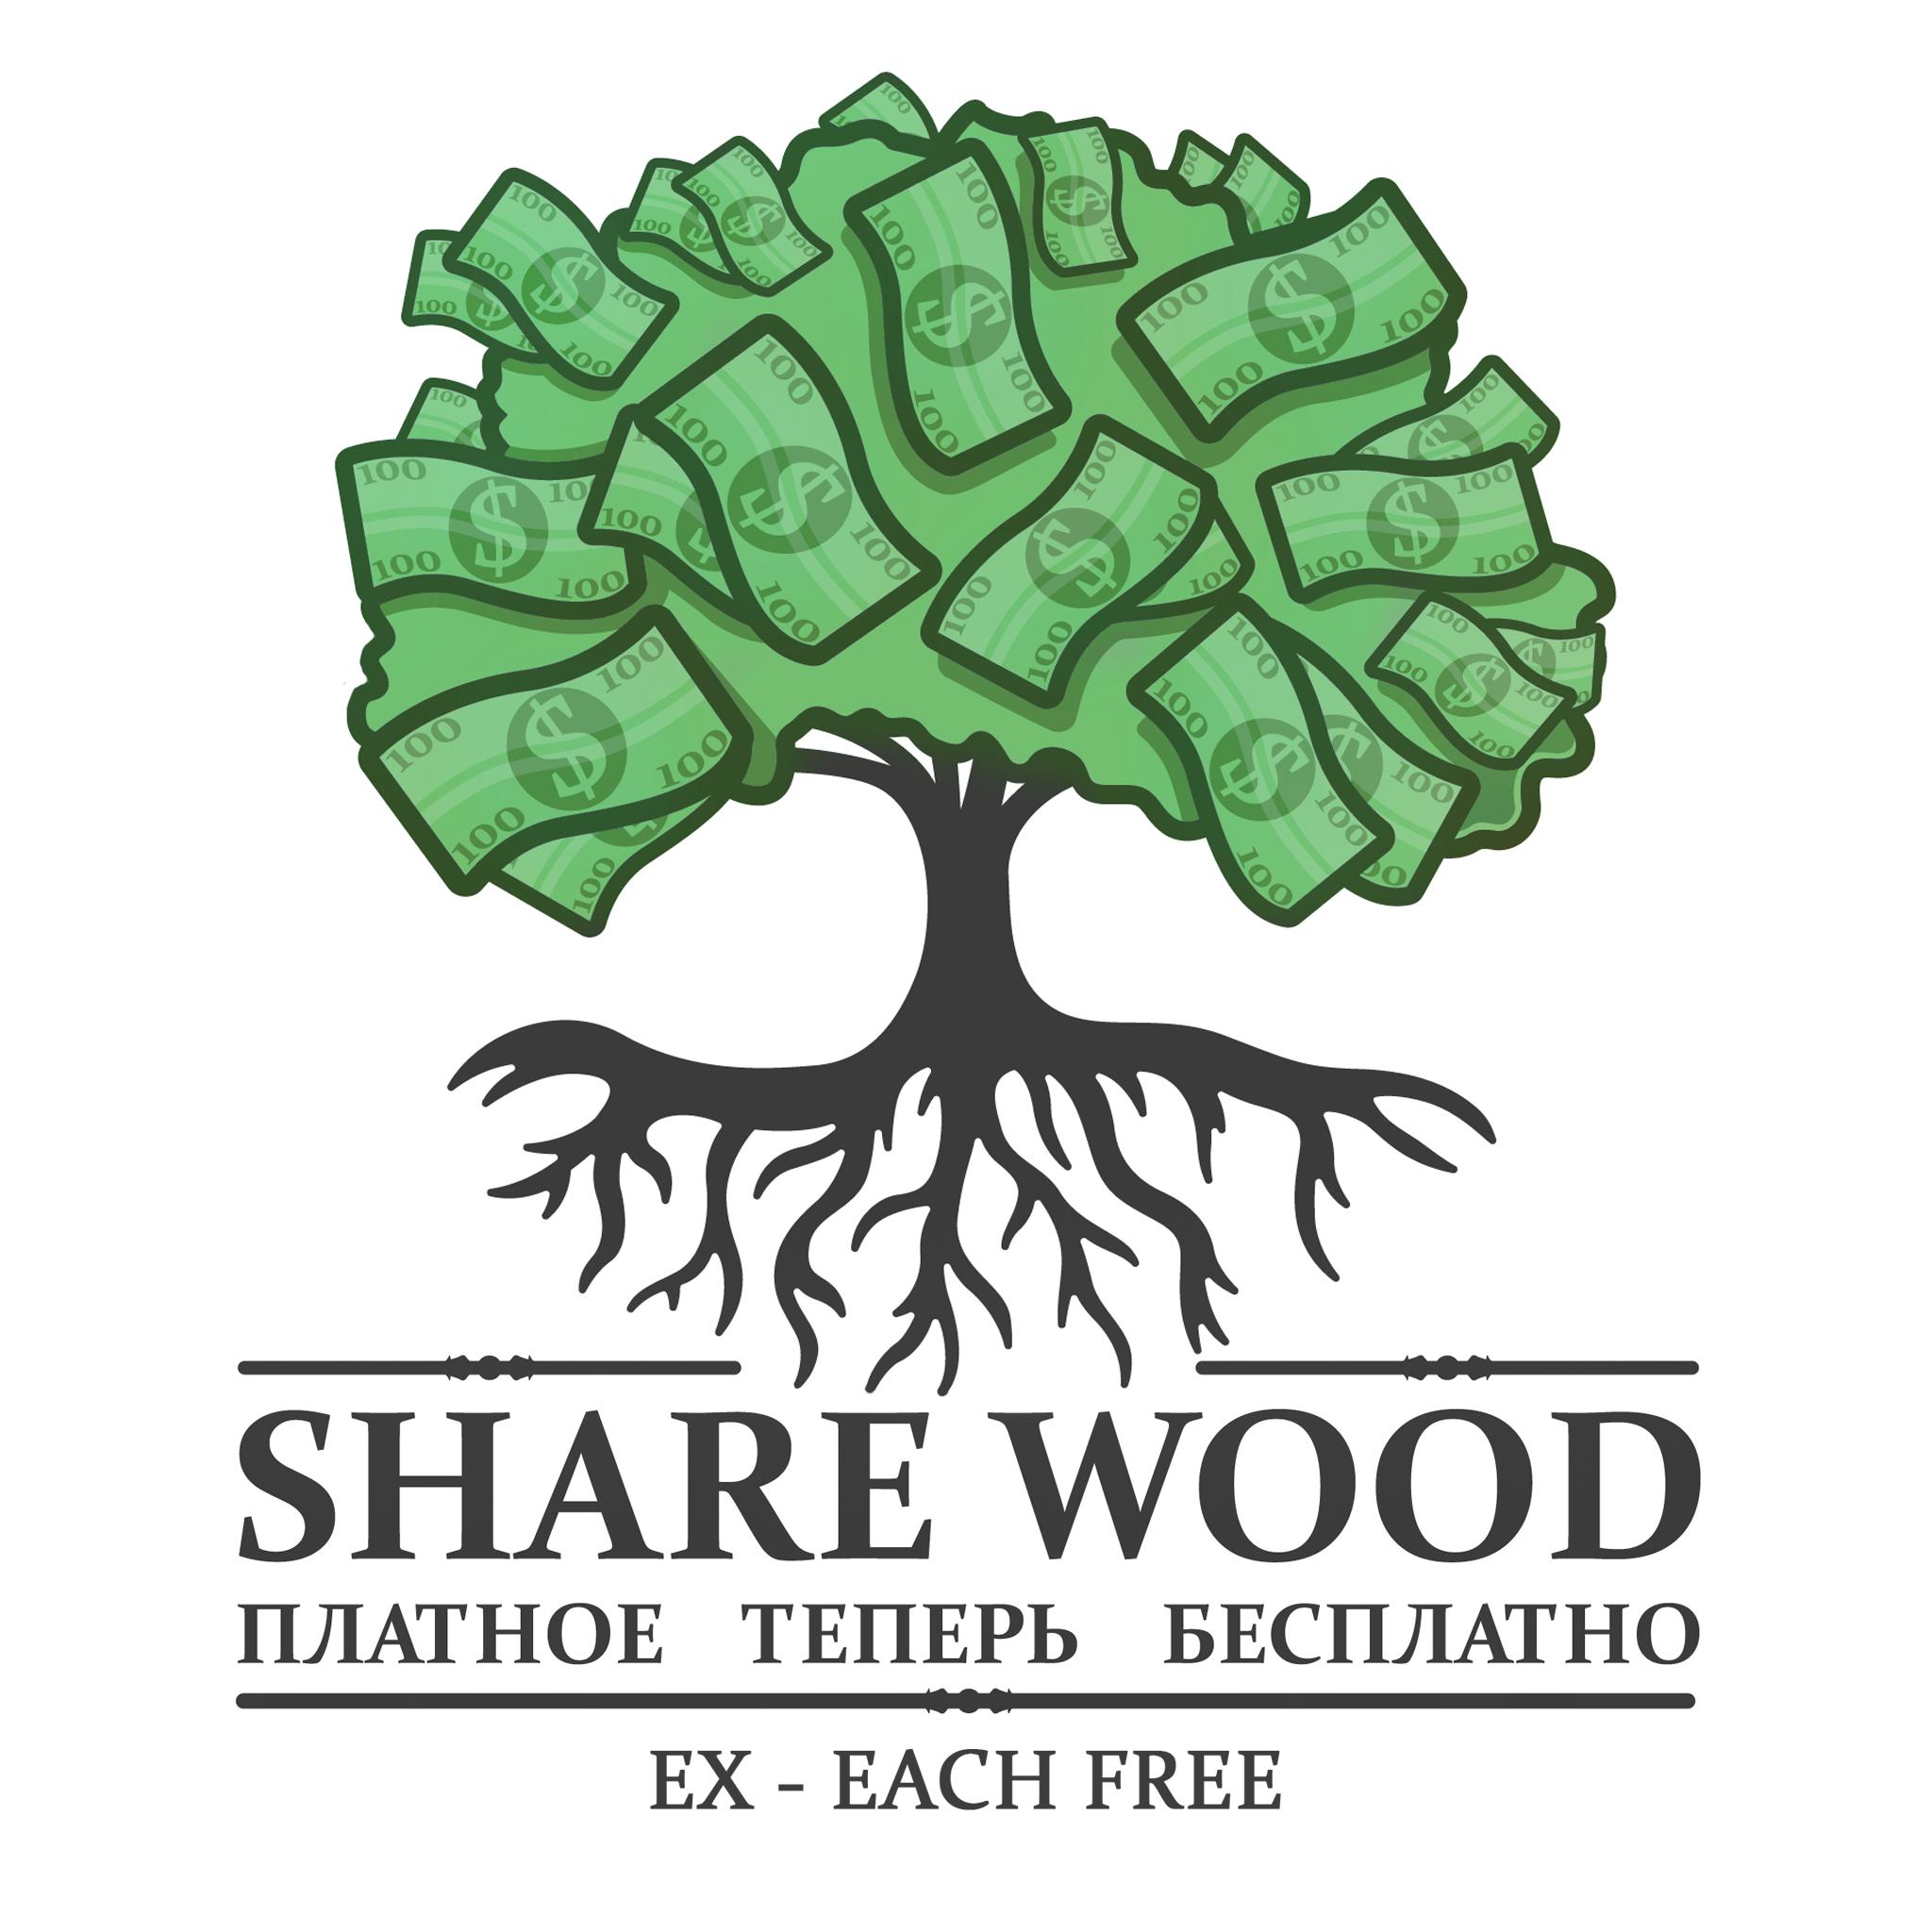 sharewood.biz